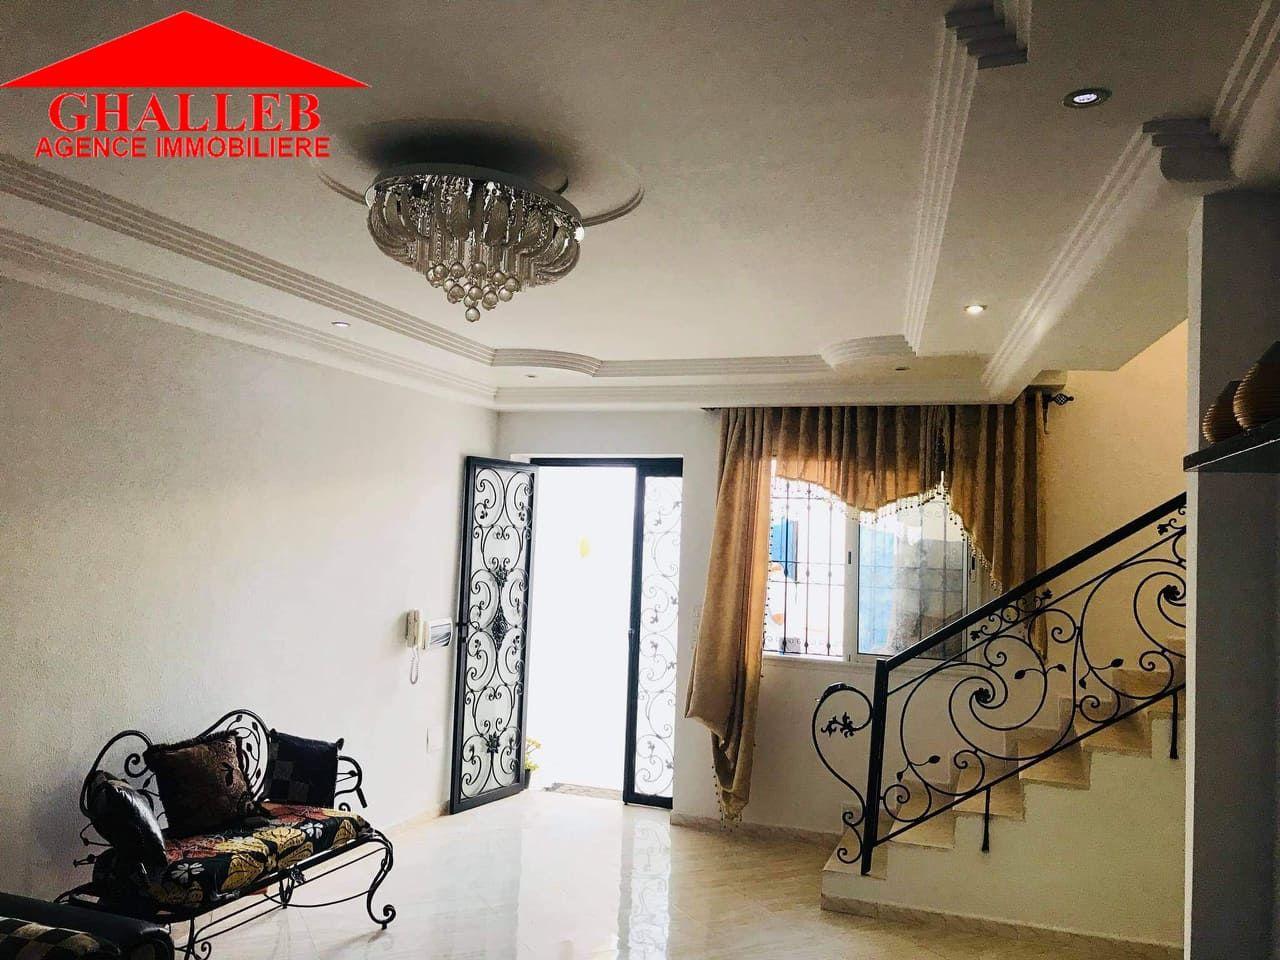 A hammamet ville a vendre une maison gh